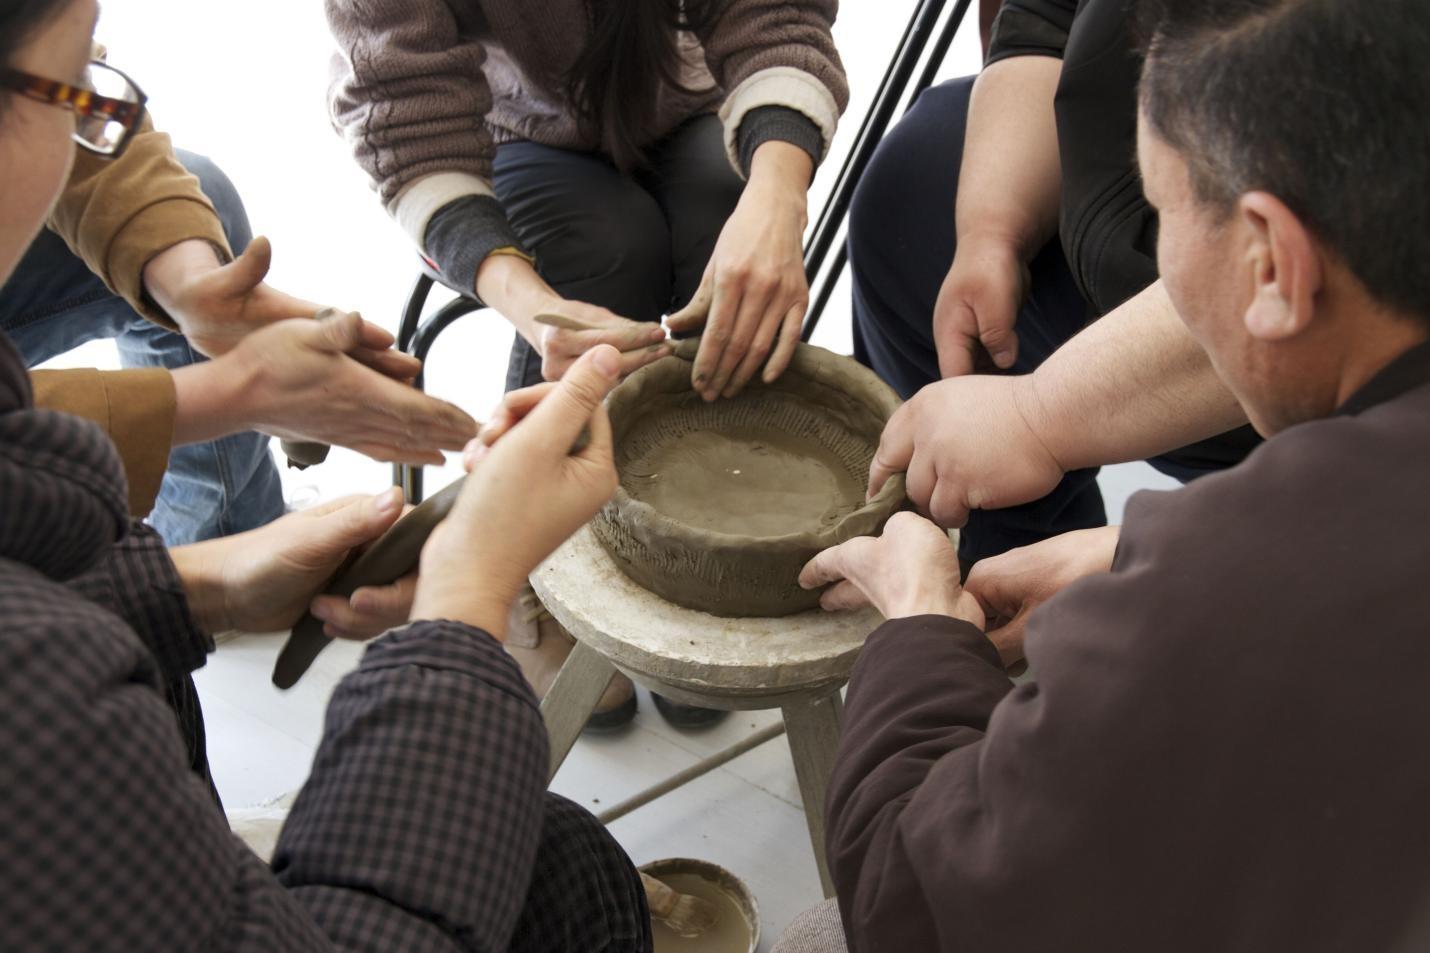 《一件由五位陶作者共同完成的陶器(静默尝试)》视频截图。 图片由田中功起提供